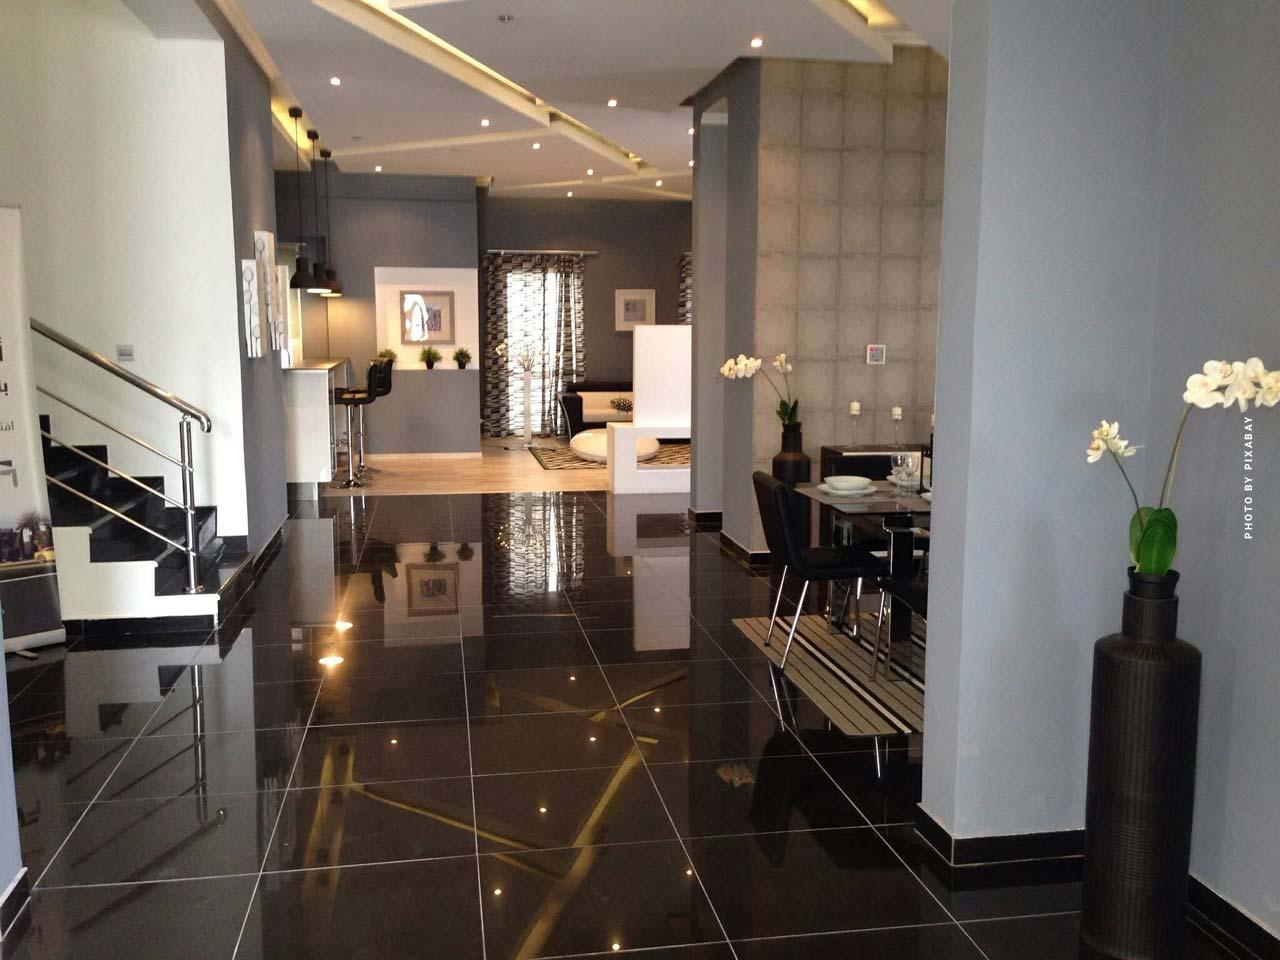 Luxusimmobilien London: Wohnung inkl. Parkplatz, Haus, Penthouse bis $38 Millionen